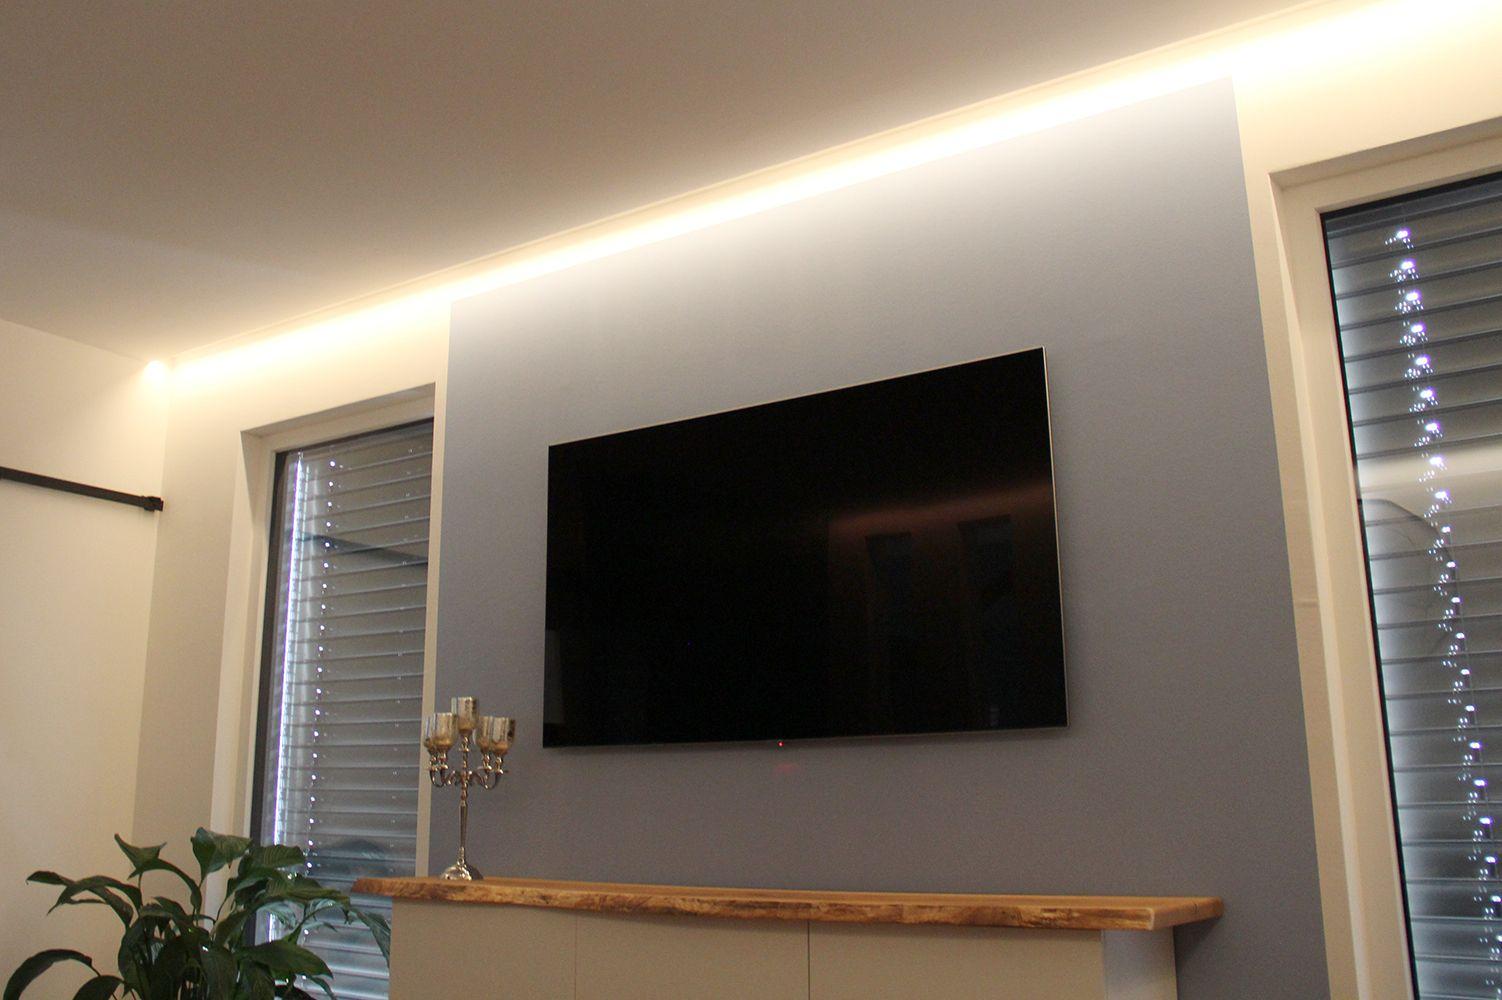 Helles Licht In Schlichtem Design In 2020 Wohnzimmerbeleuchtung